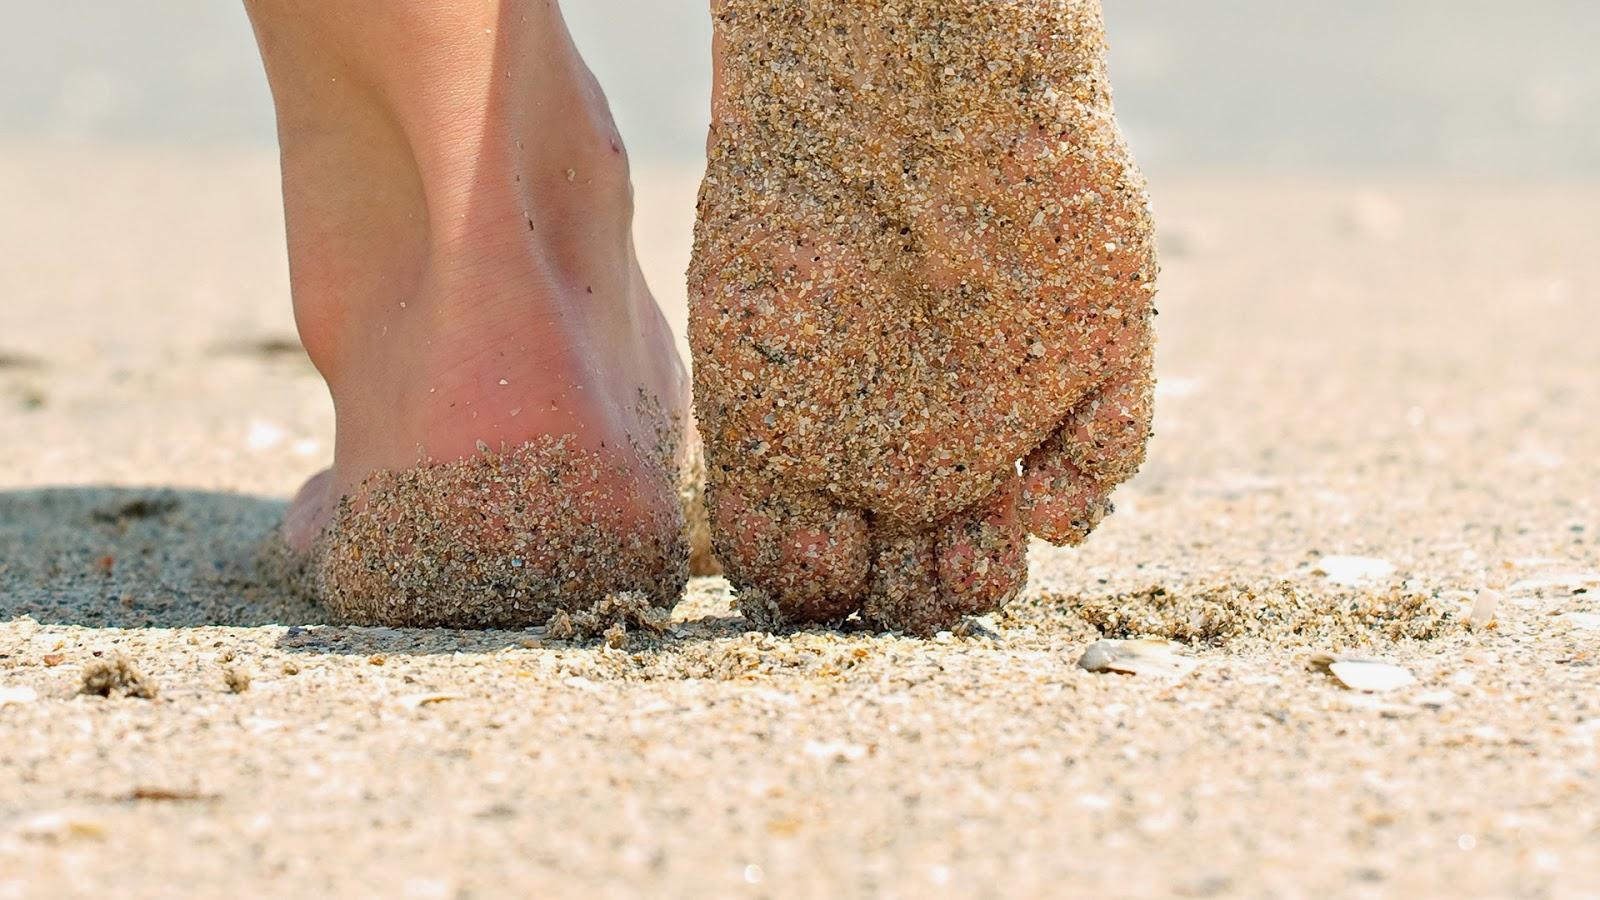 mood-gadis-kaki-pasir-pantai-musim panas-wallpaper-1920x1080